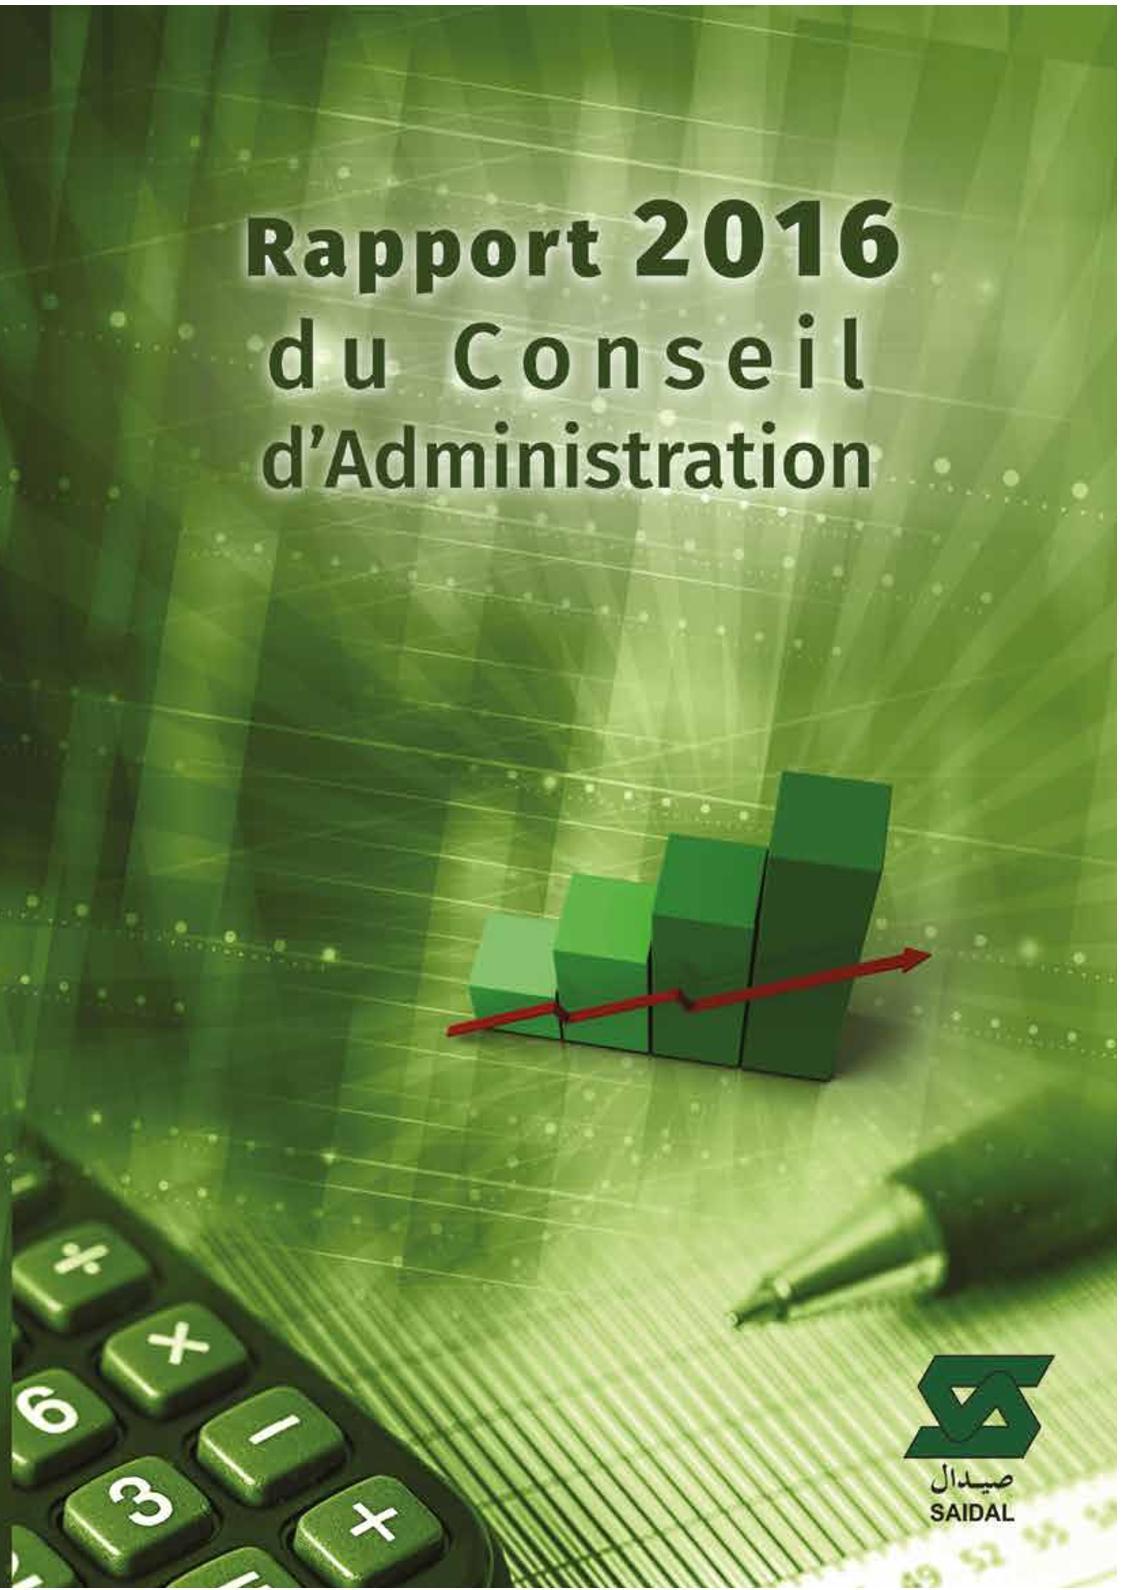 Rapport 2016 du Conseil d'administration